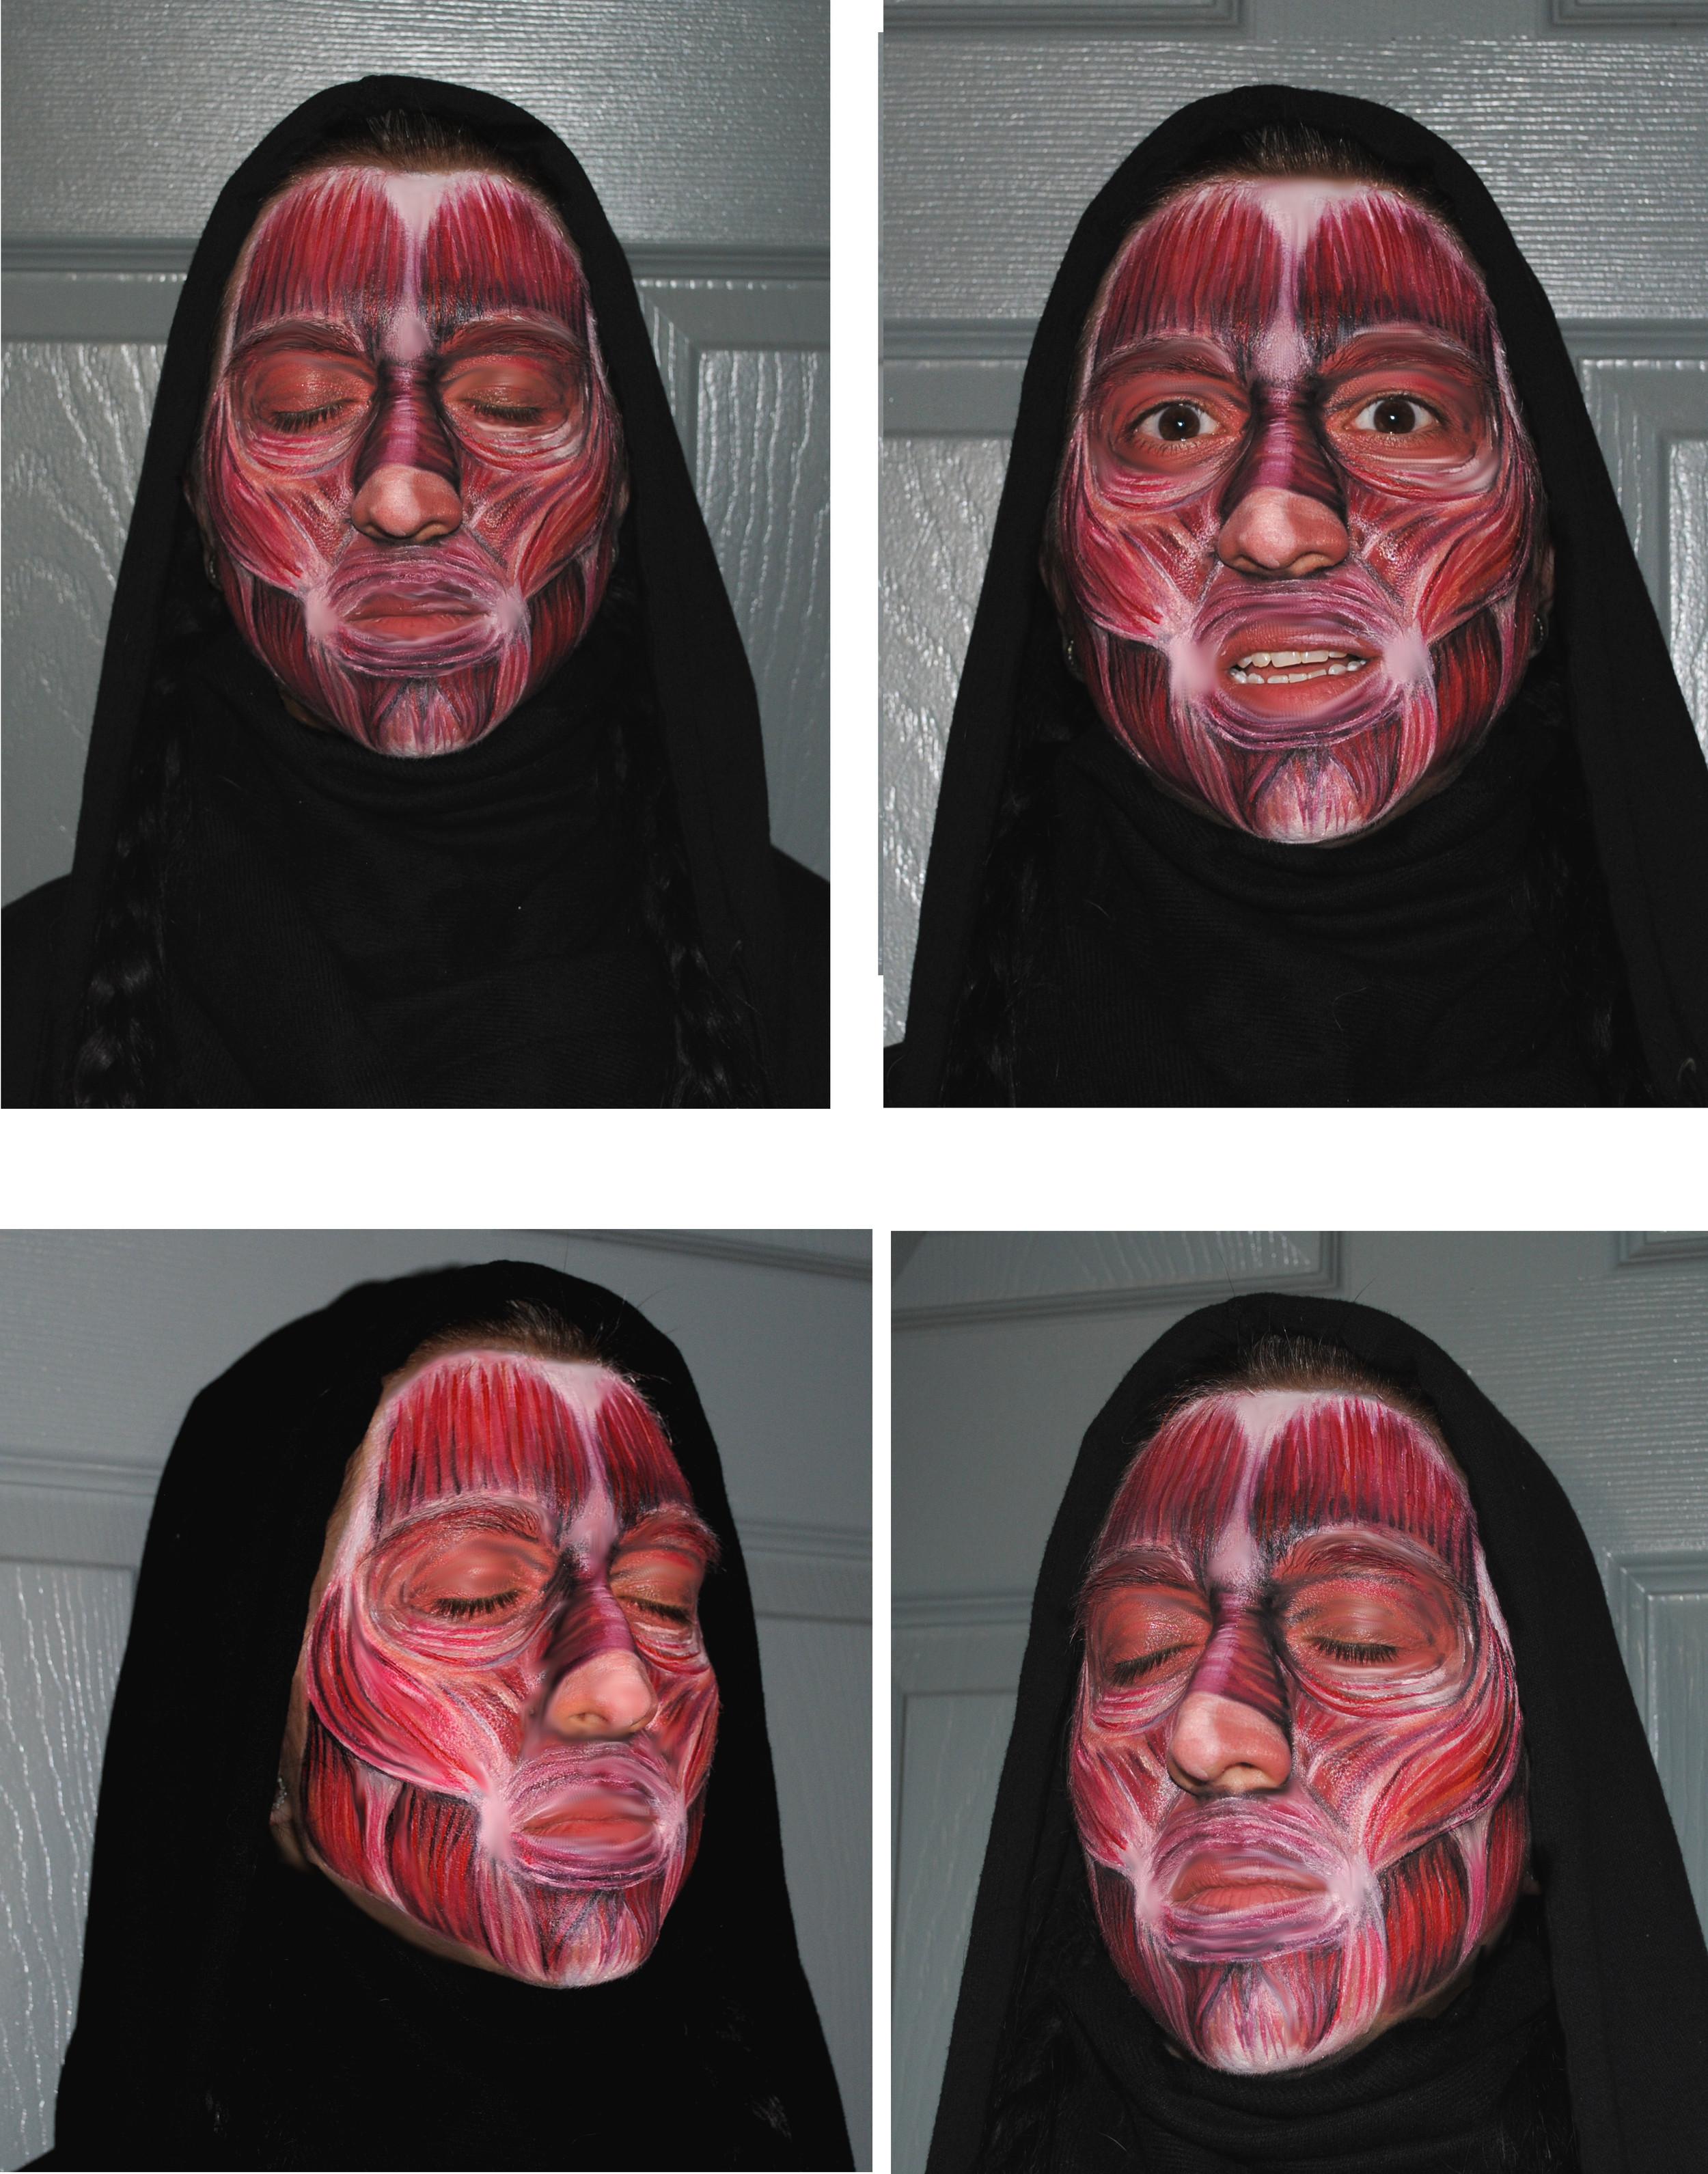 Facial Muscular System